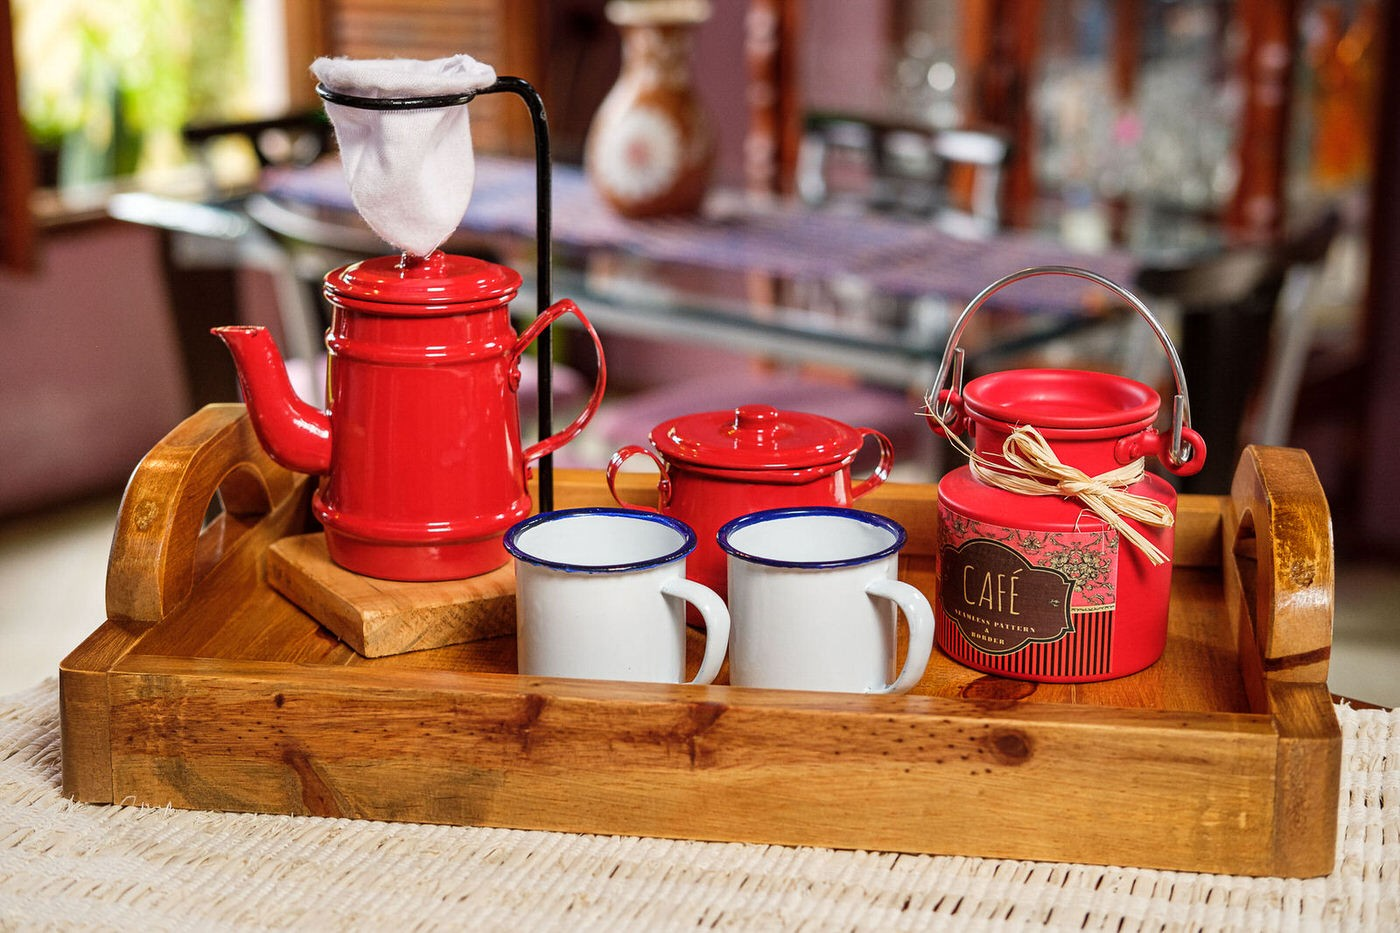 Kit Bandeja + Peças de Café / Vermelho com Canecas Brancas